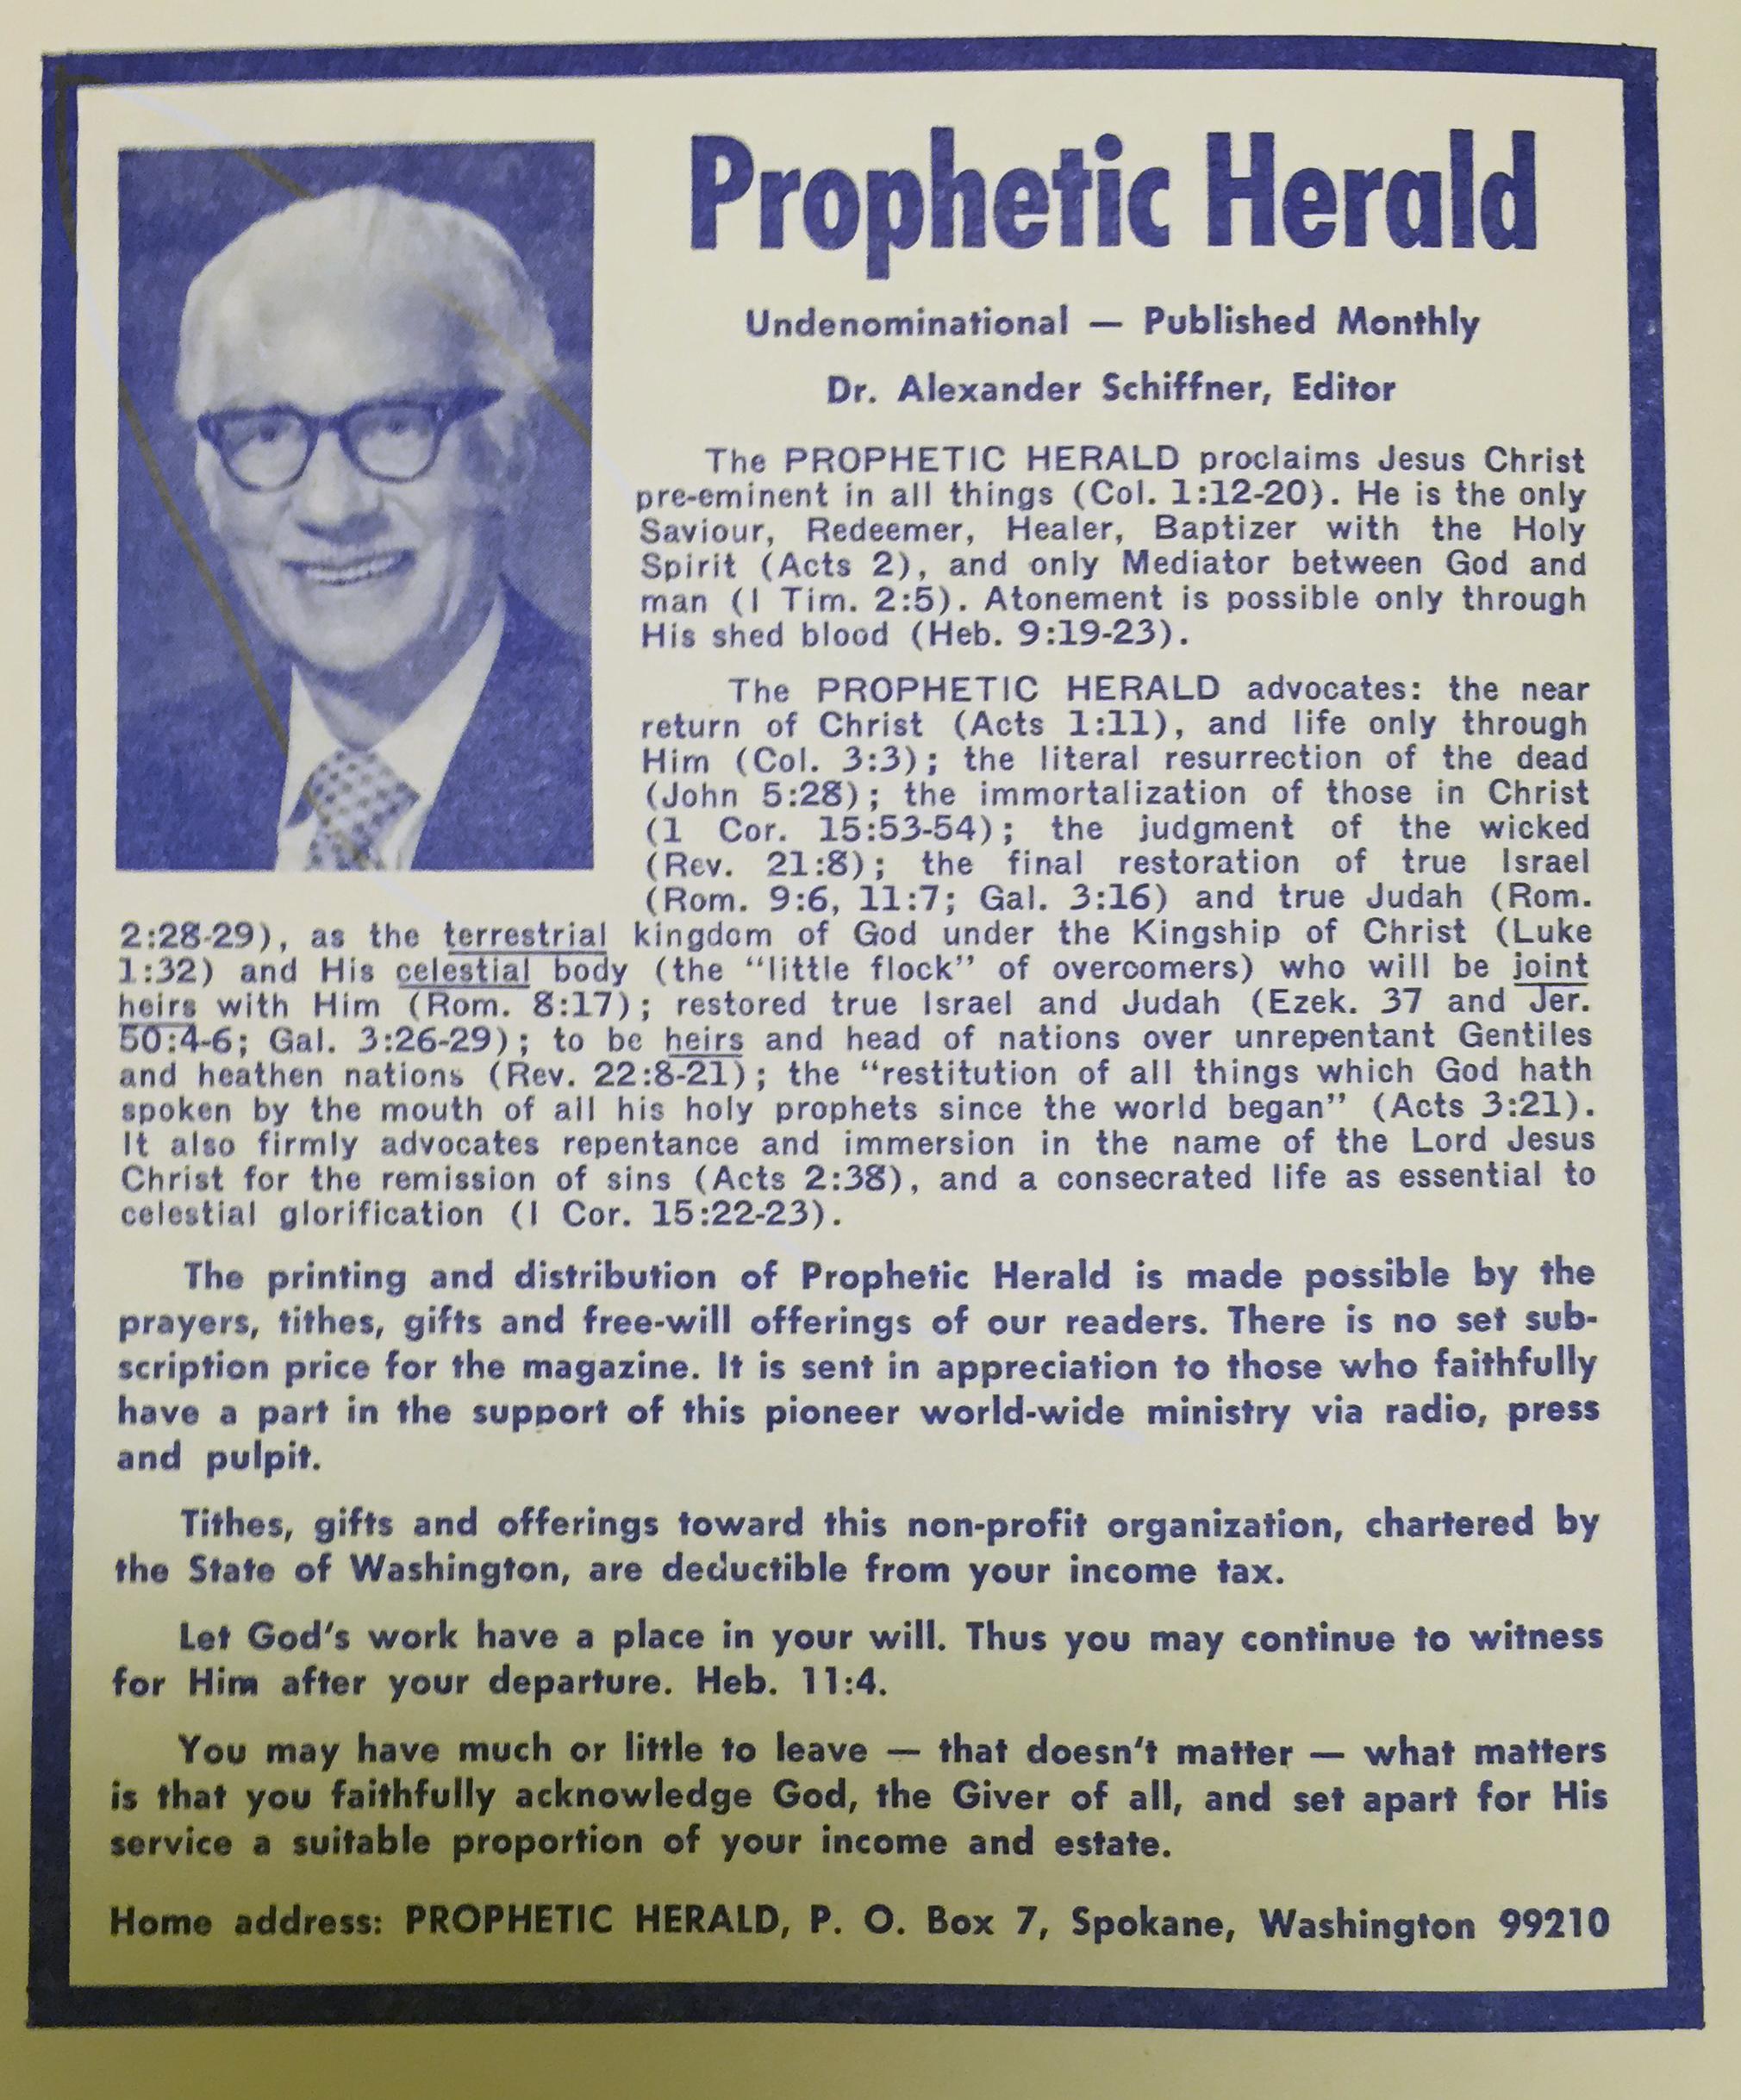 Prophetic Herald Inside (1975)